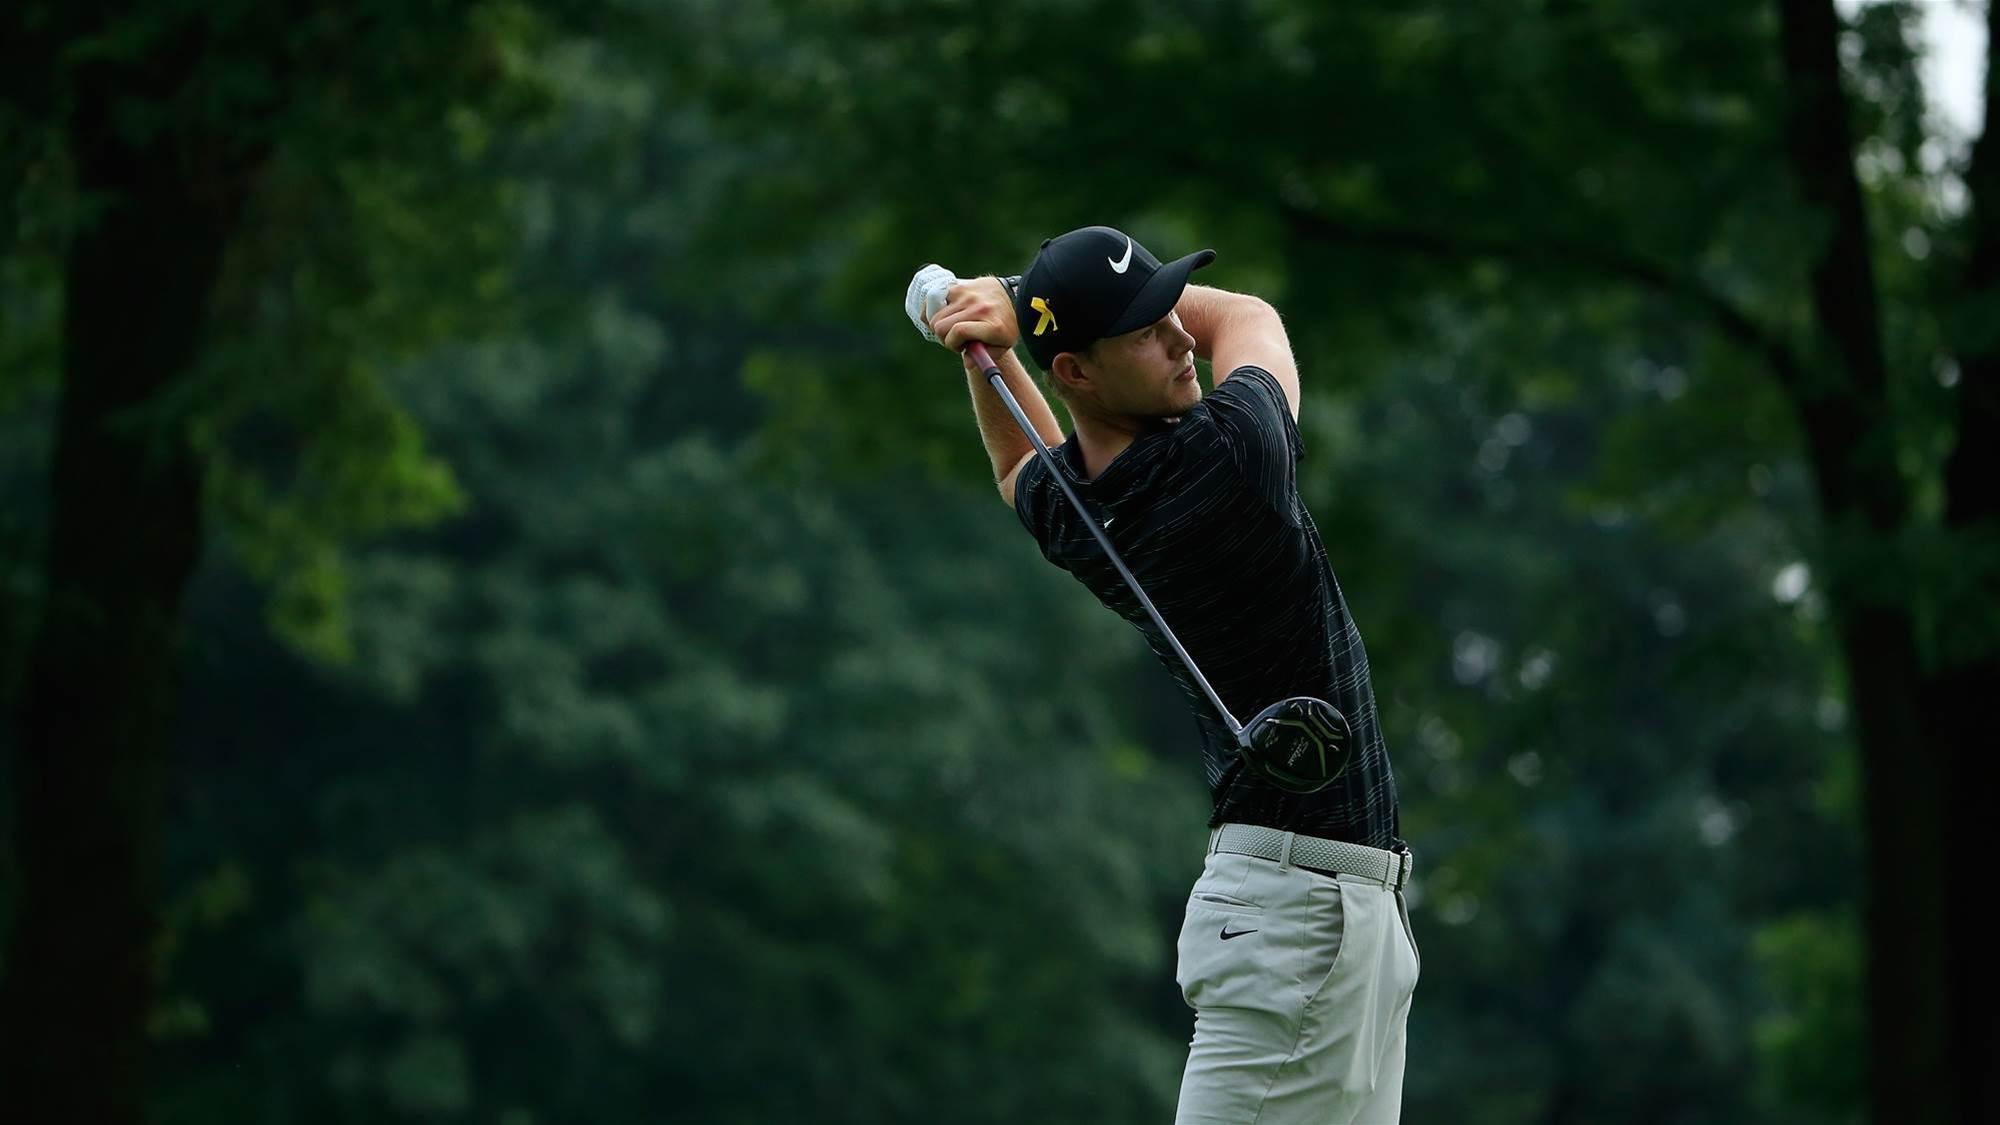 Cameron Davis earns PGA tour card